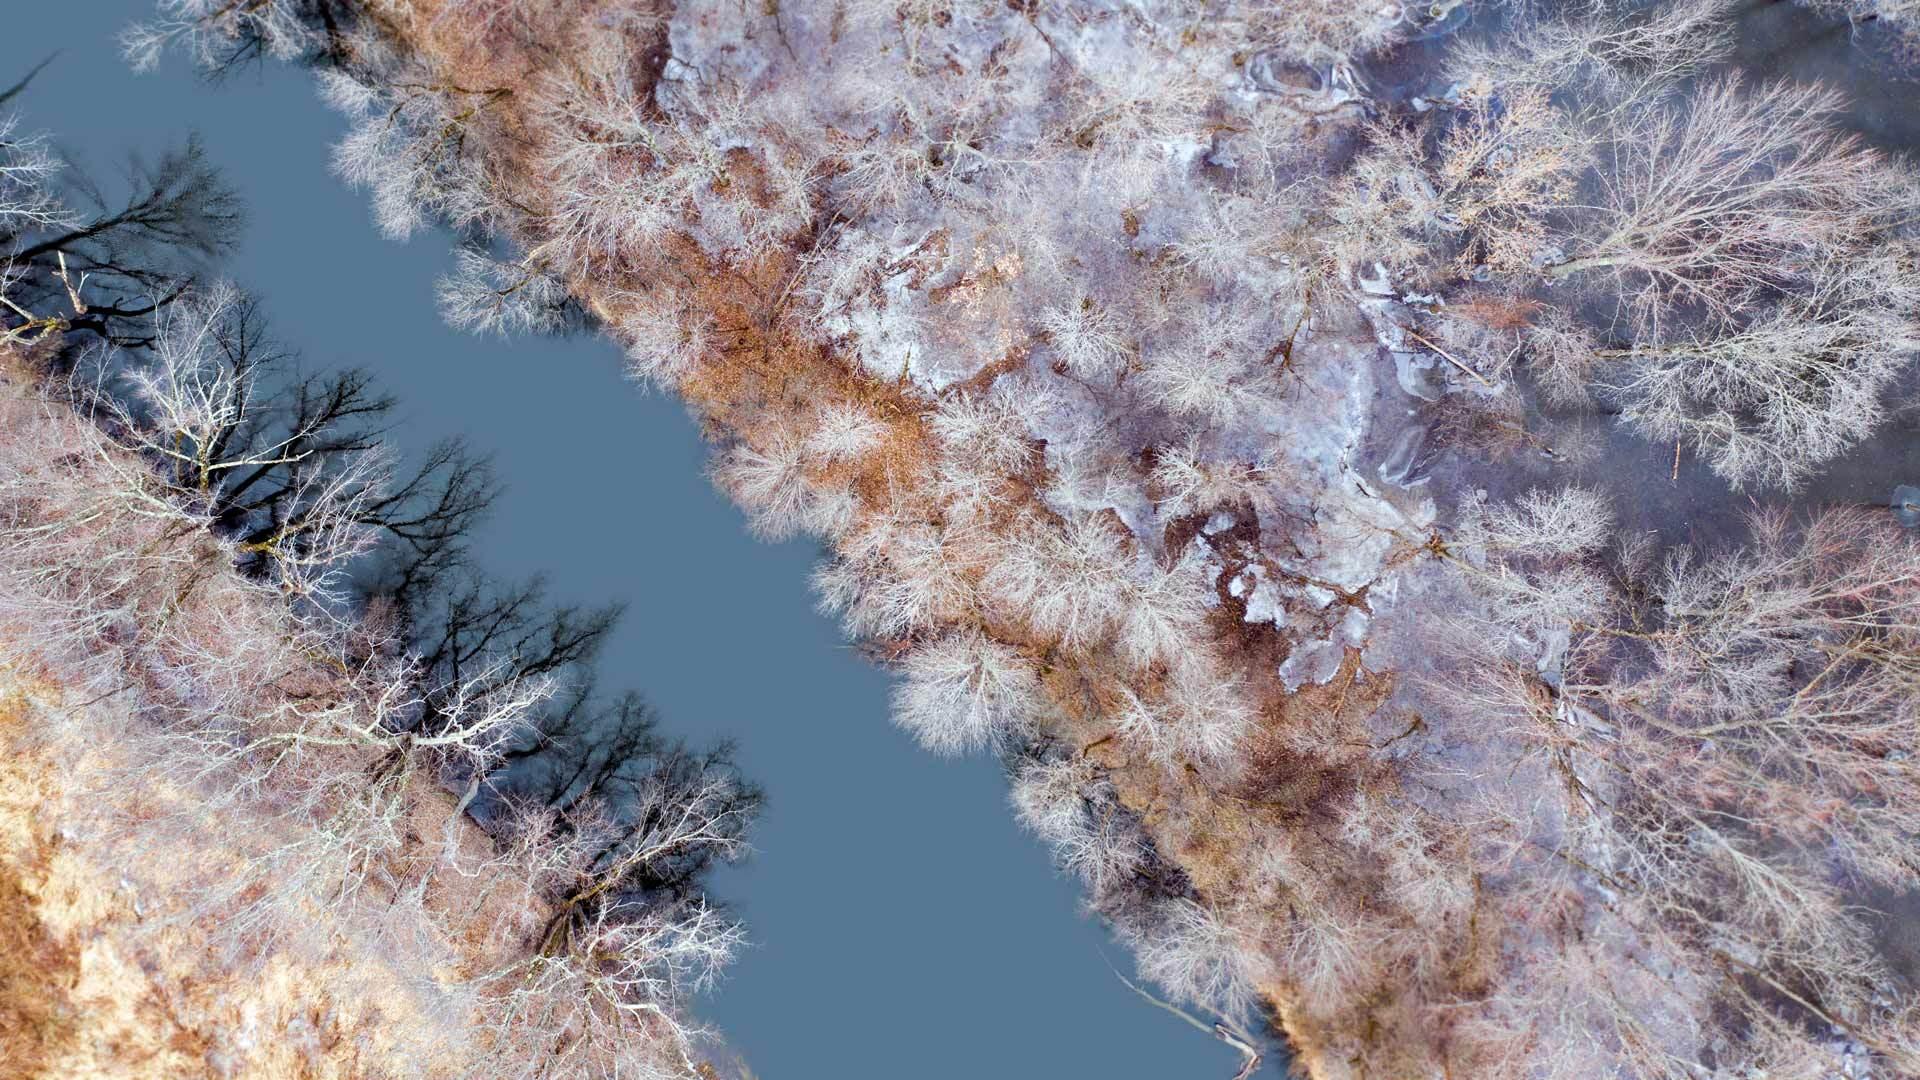 冬天的水獭溪水獭溪